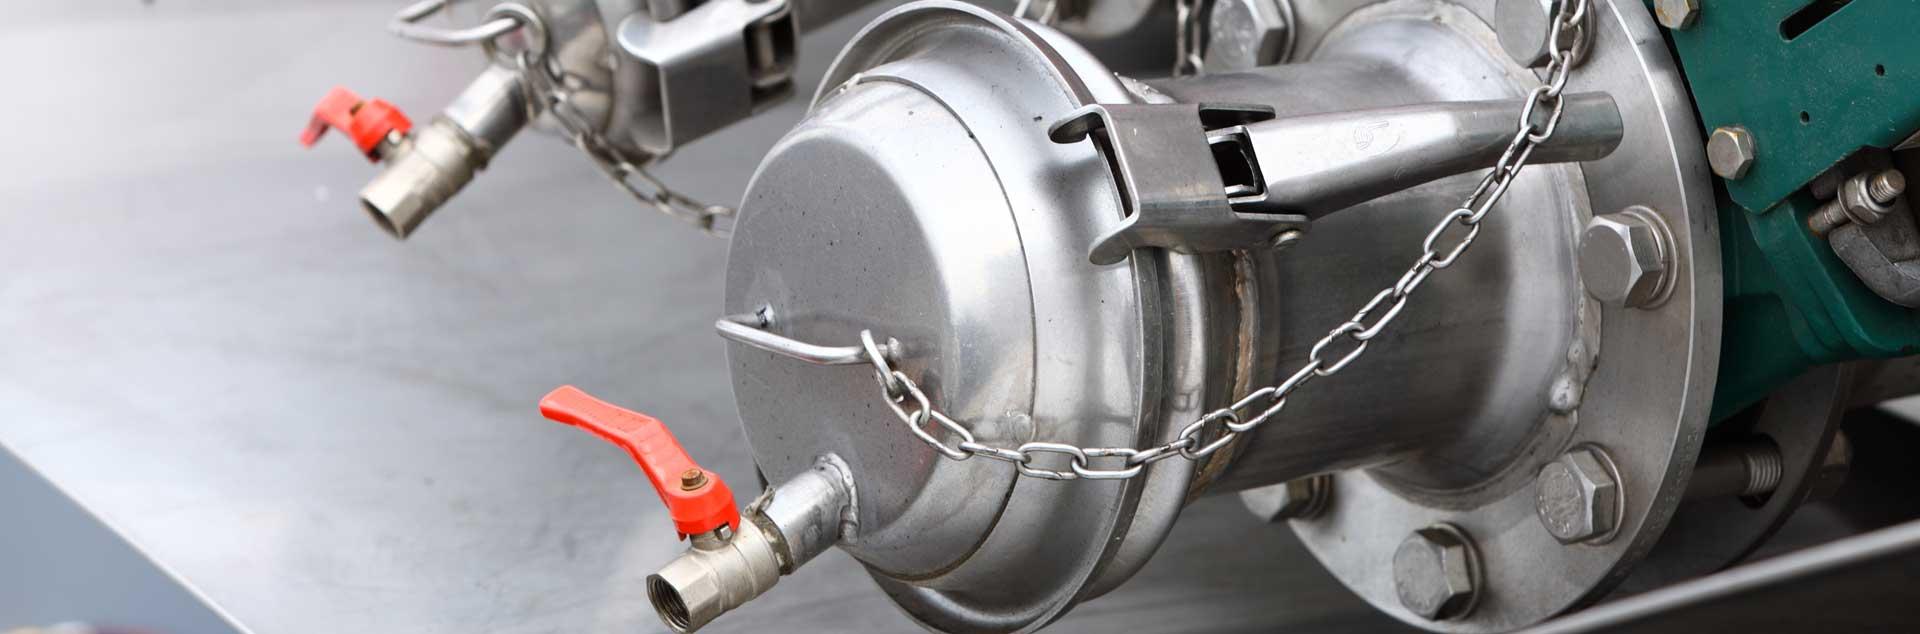 Servizio di ricerca con Metaldetector